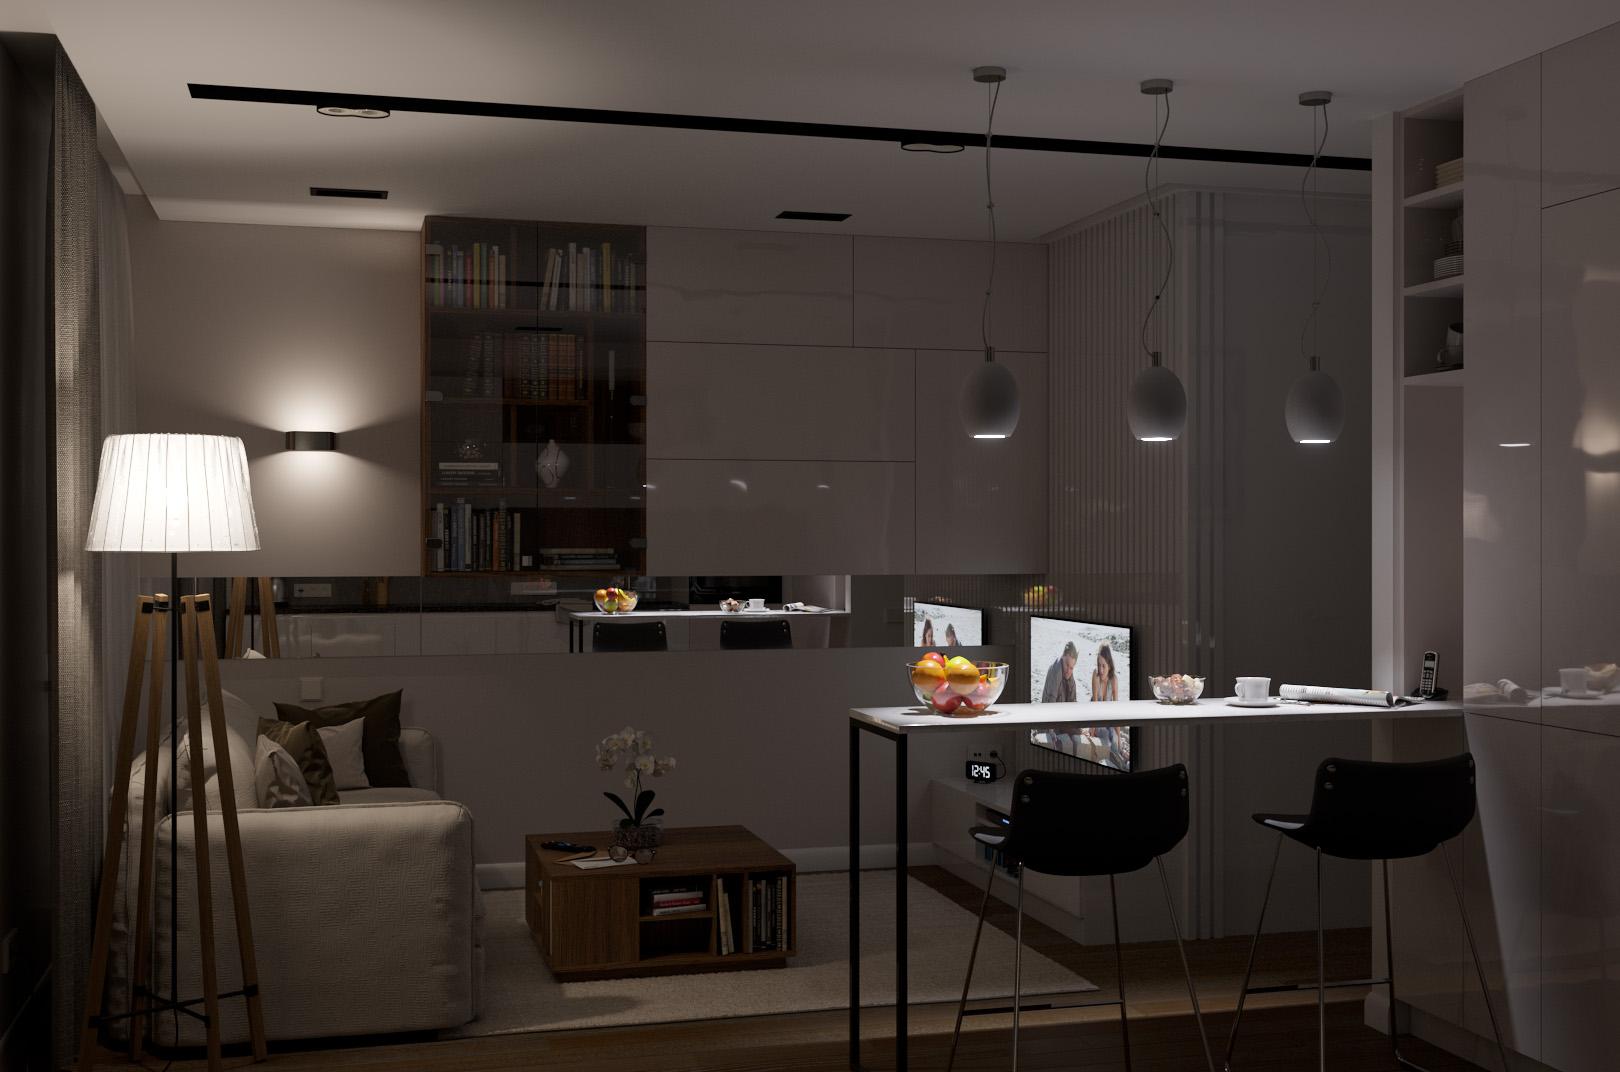 Комната, приглушенный свет